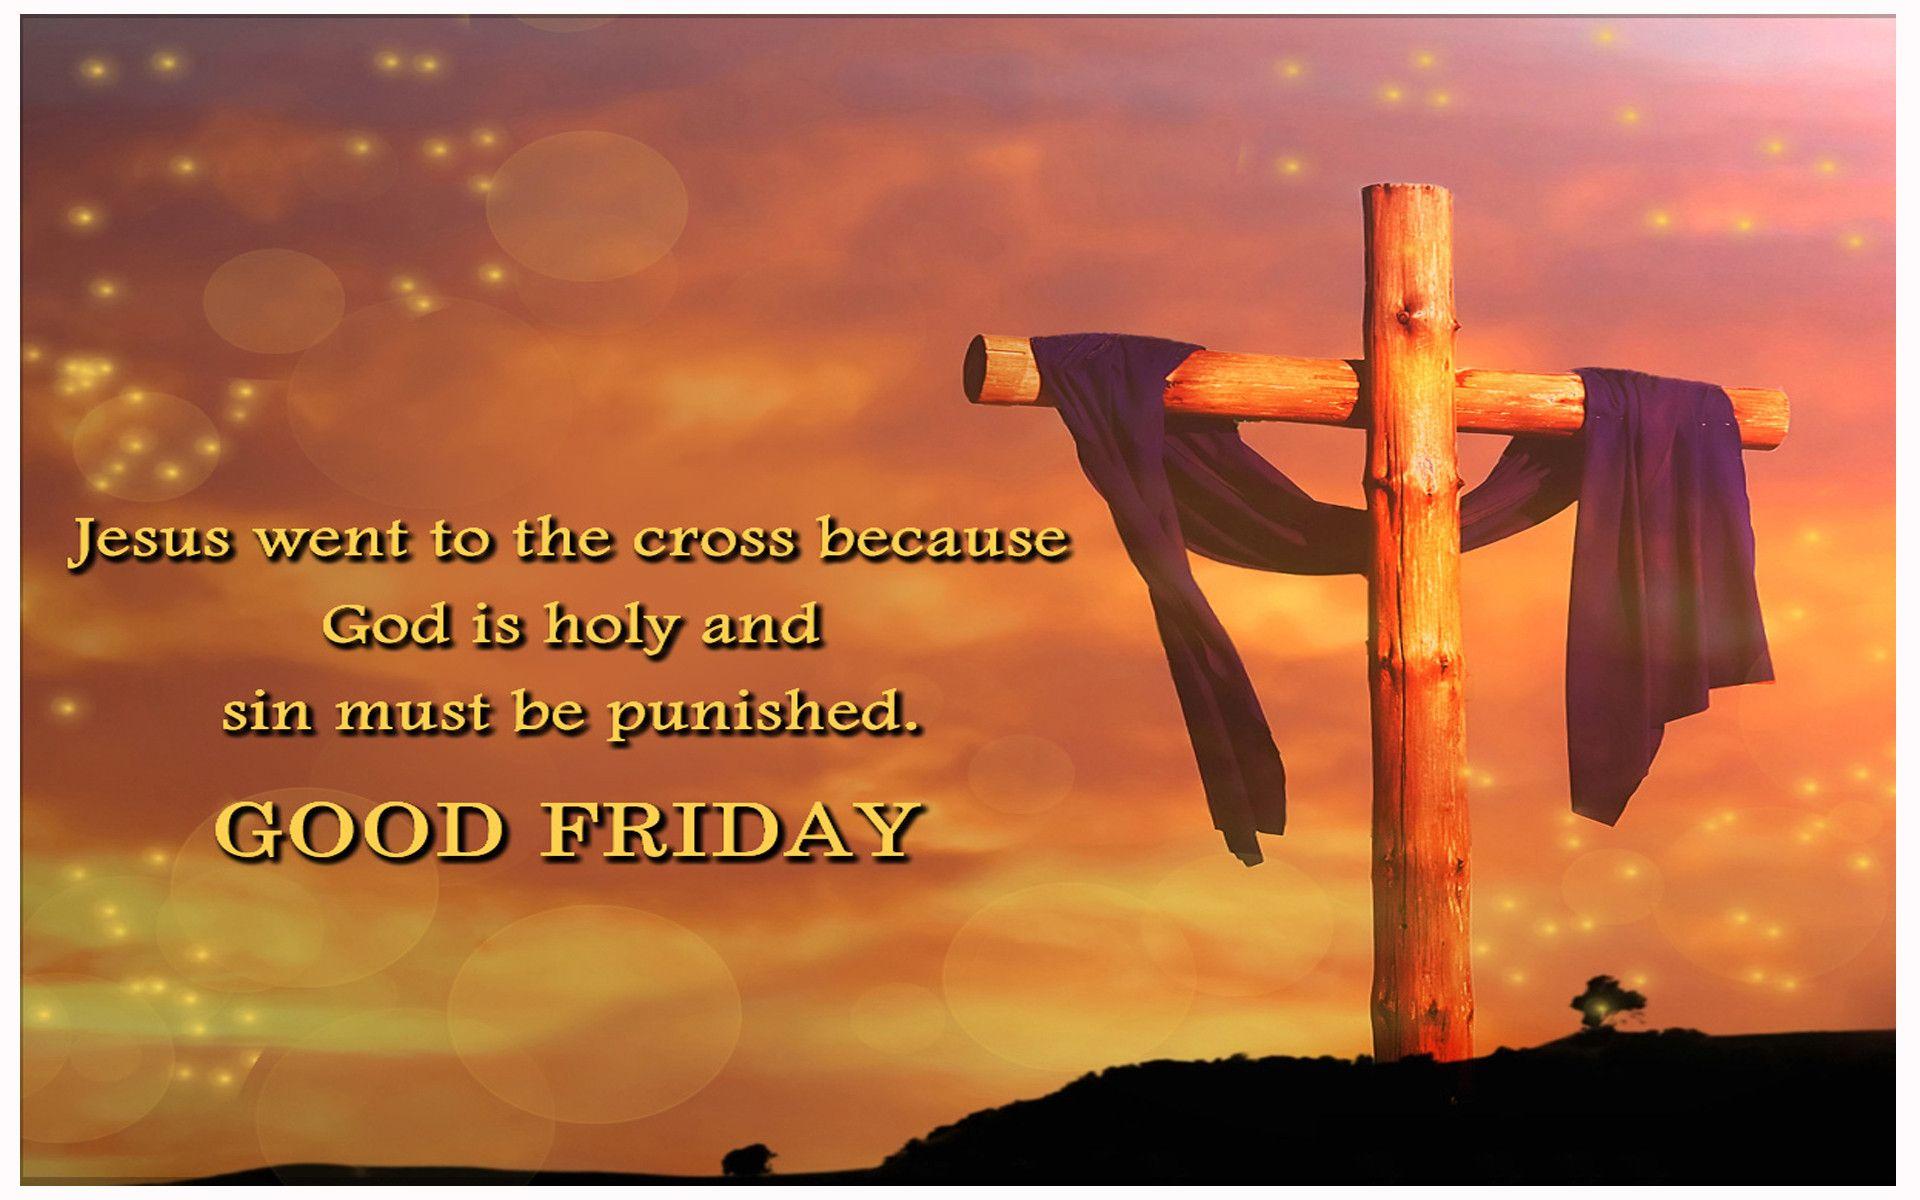 Good Friday HD Image